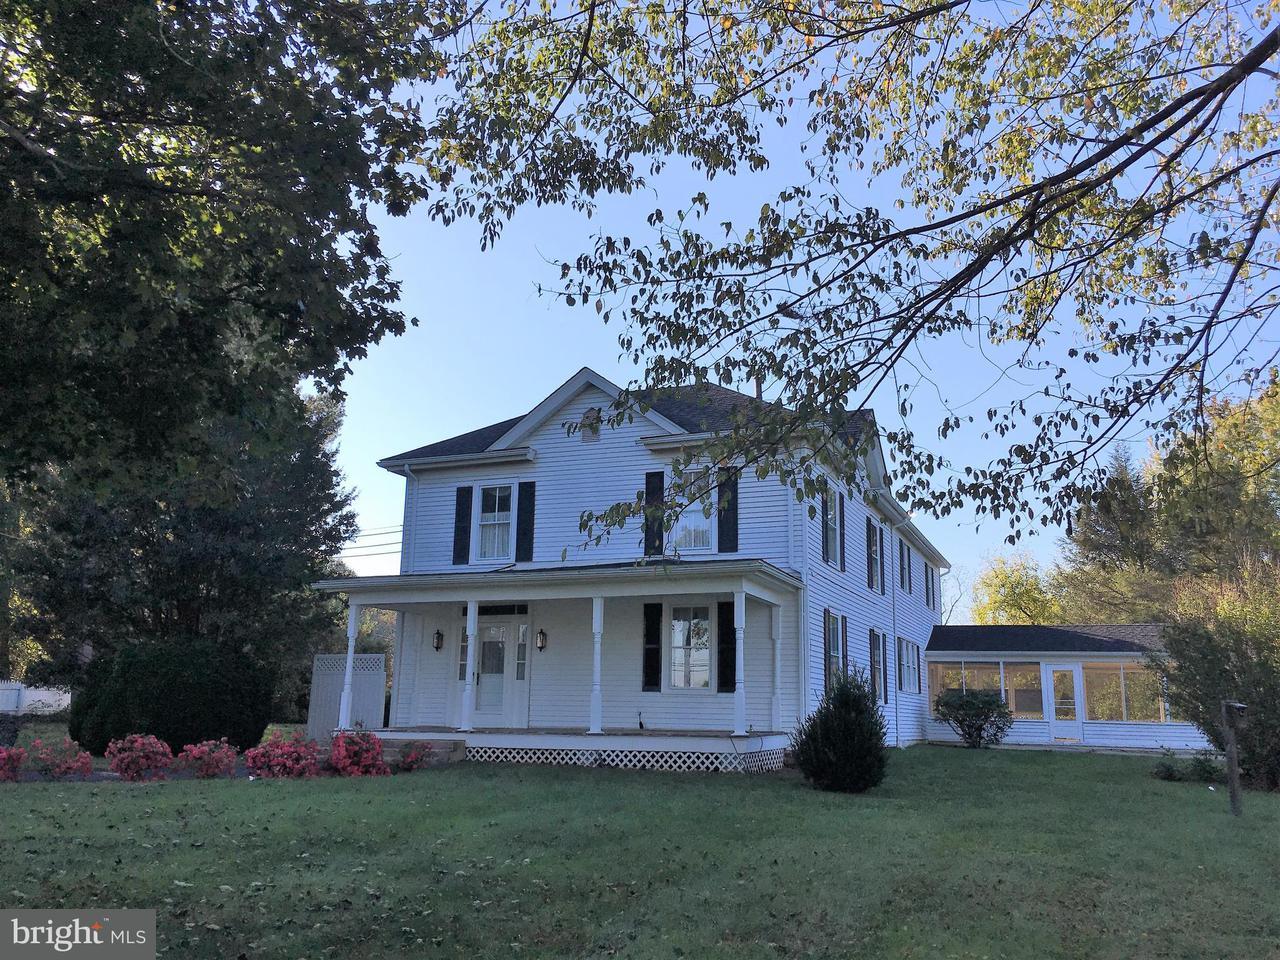 獨棟家庭住宅 為 出售 在 10 JPTSELS Lane 10 JPTSELS Lane Amissville, 弗吉尼亞州 20106 美國